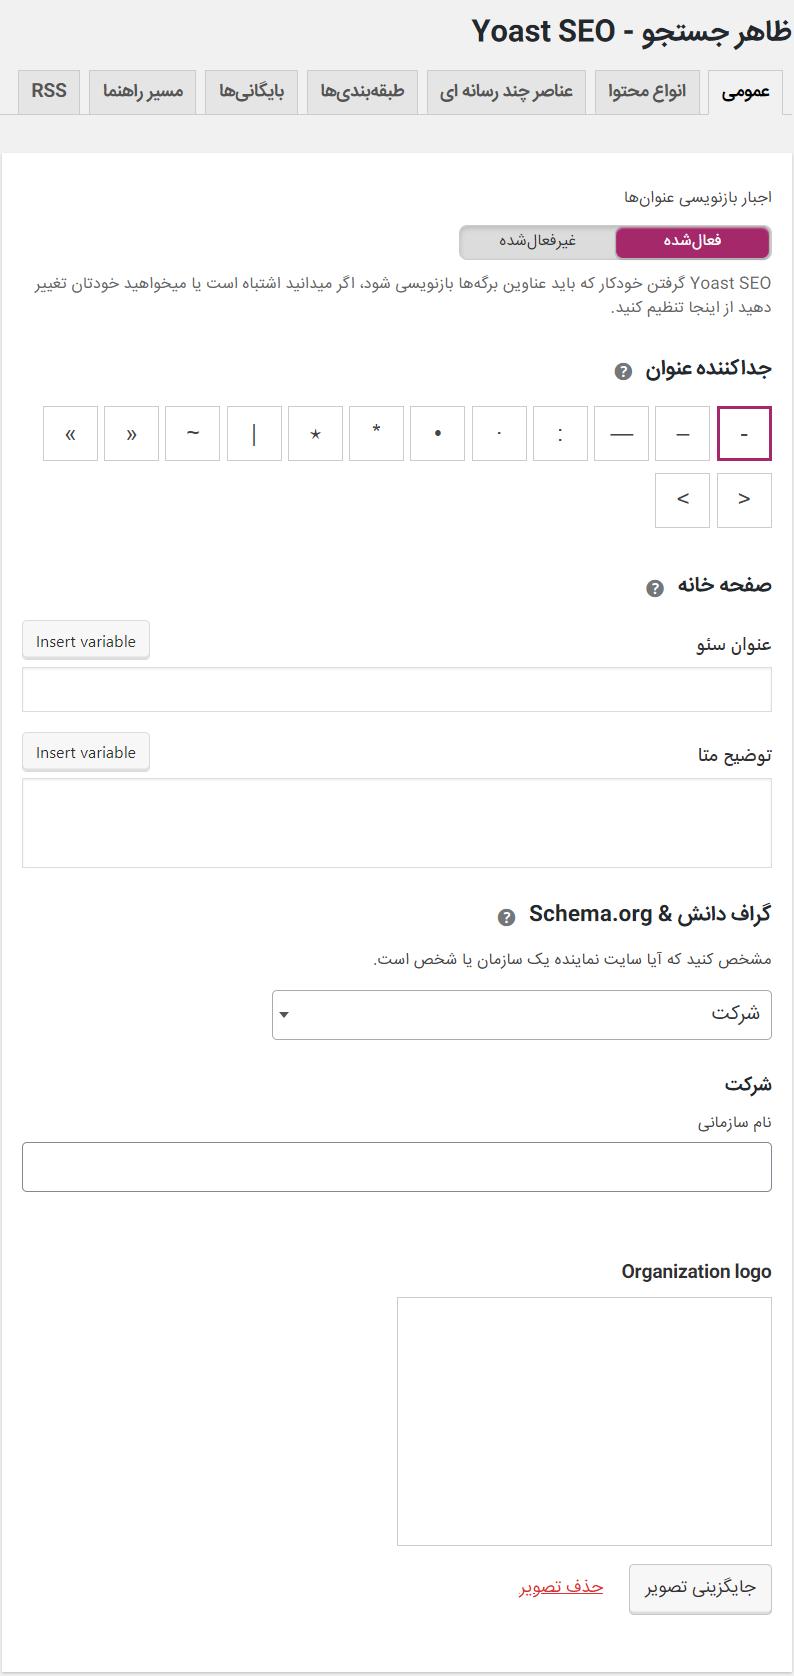 تنظیمات ظاهر جستجو در آموزش یواست سئو